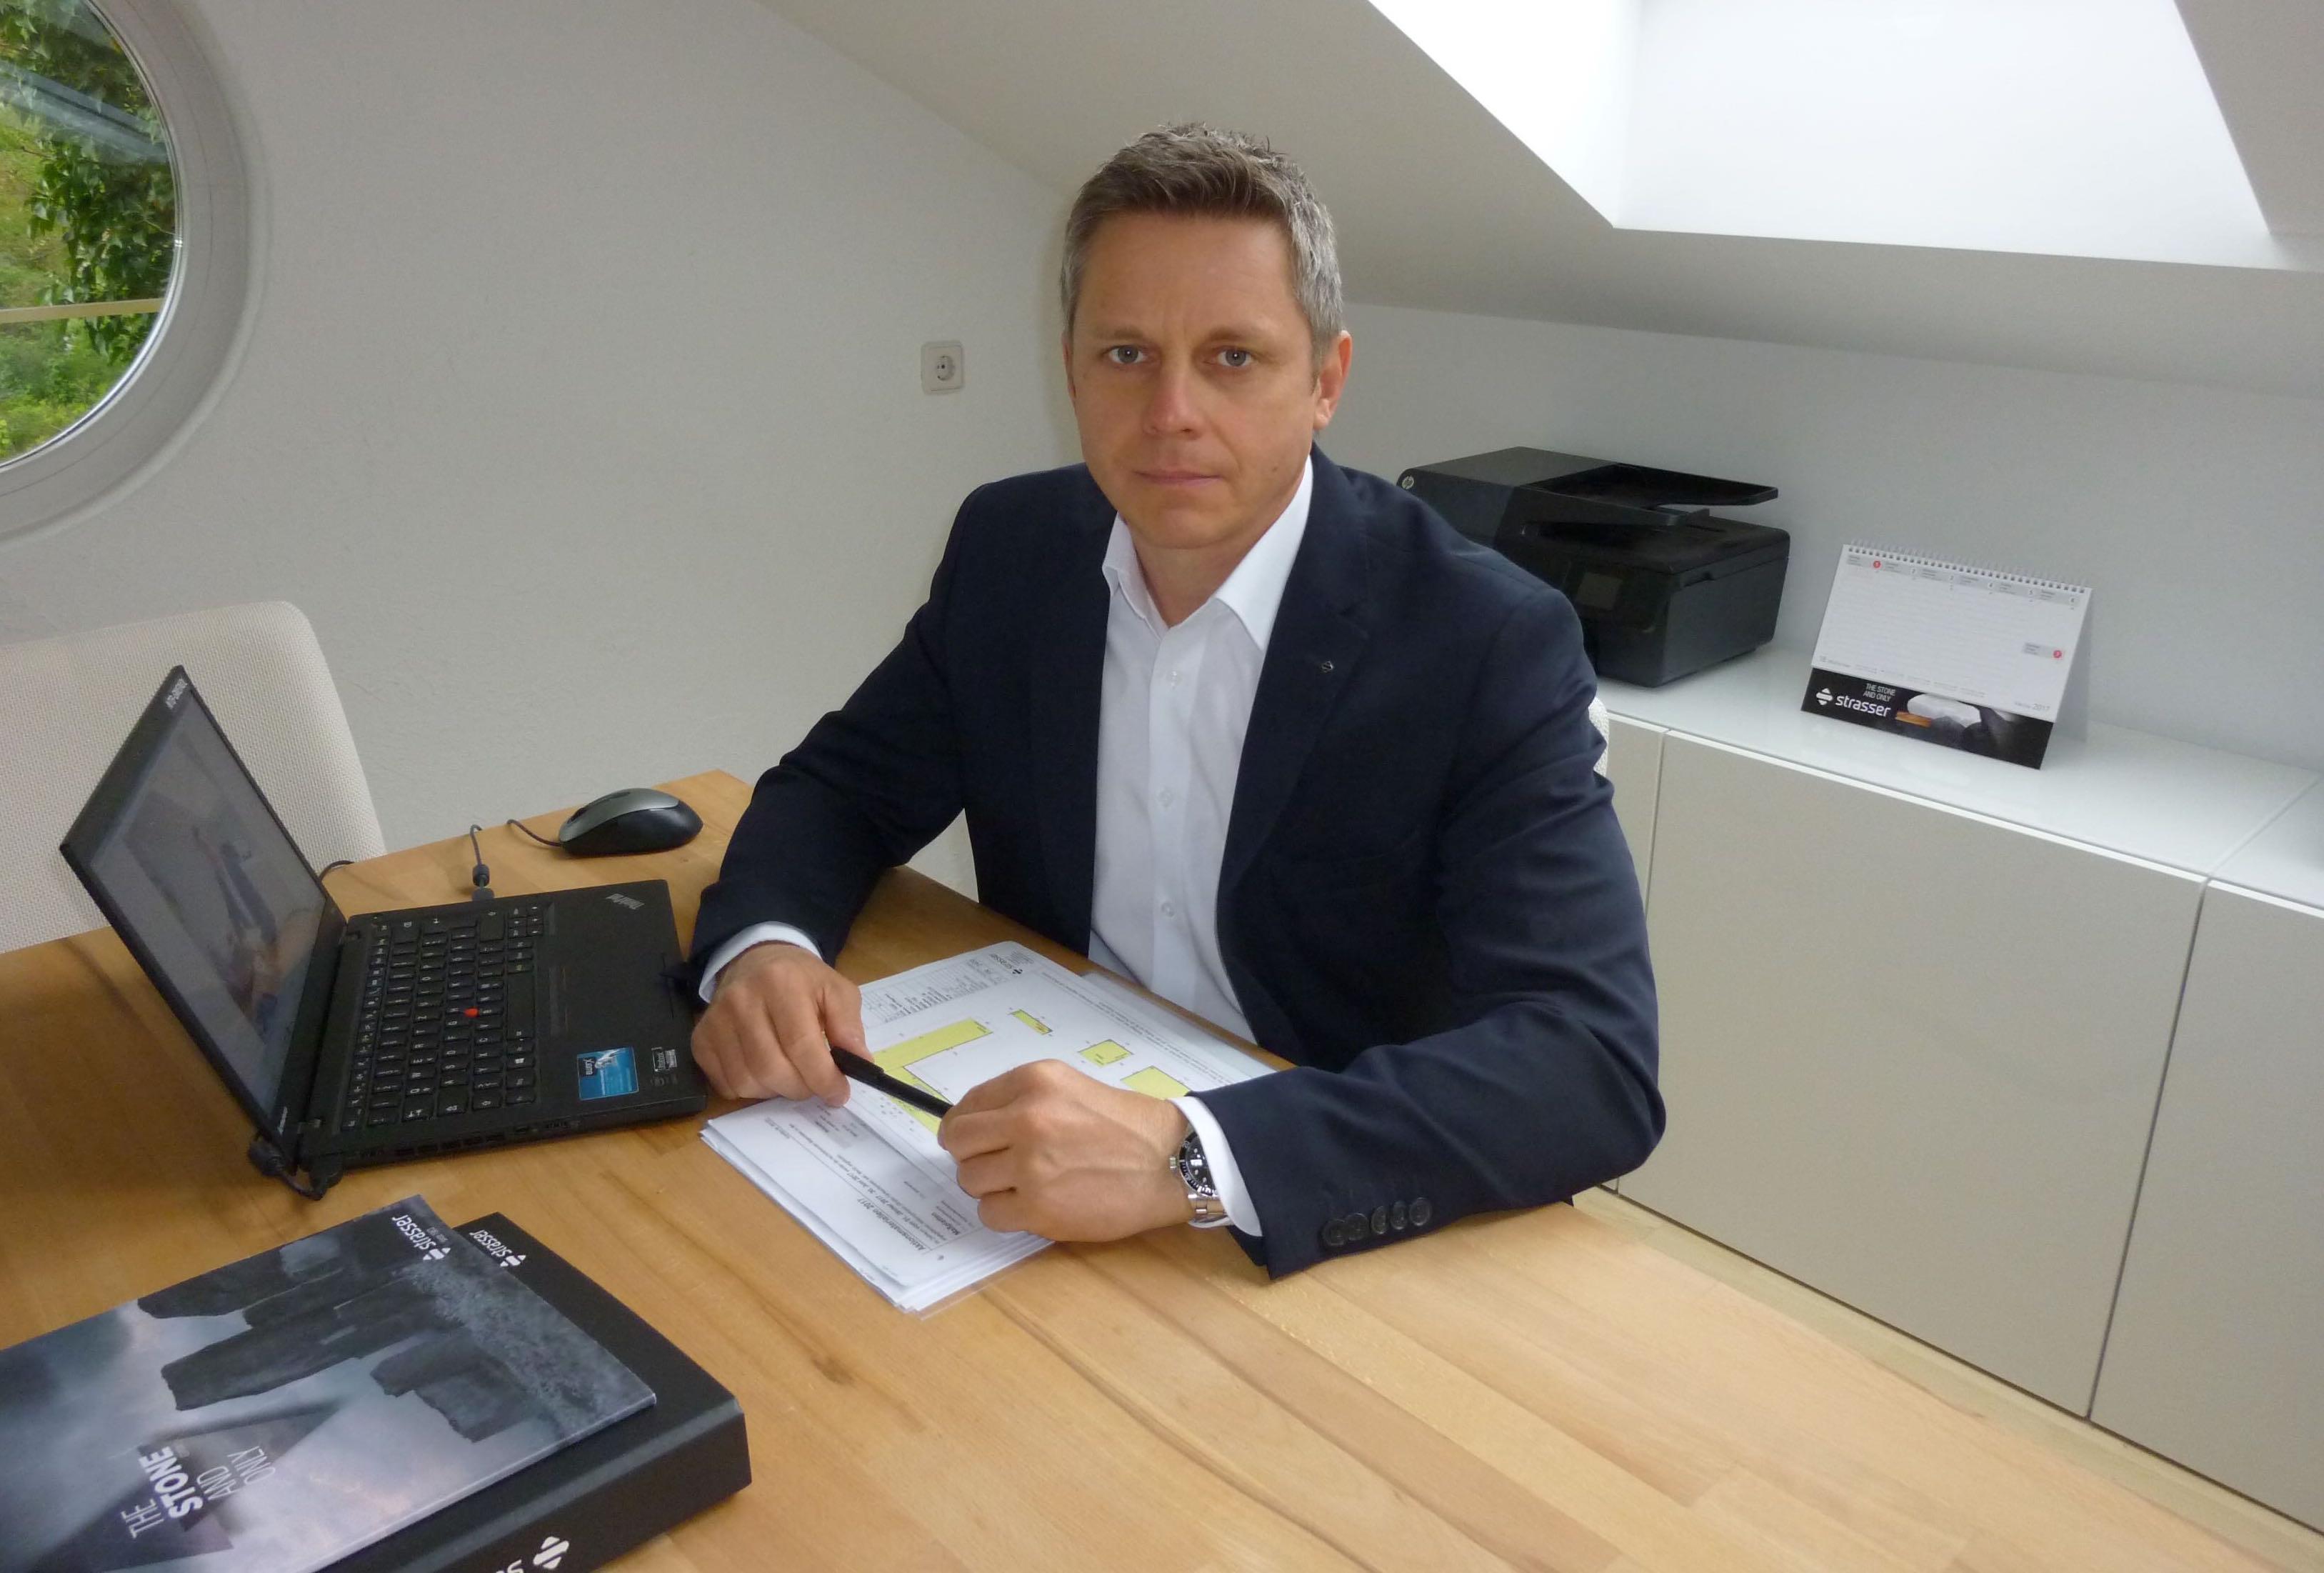 Mann mit weißem Hemd und dunklem Sakko, am Schreibtisch sitzend. Auf dem Schreibtisch liegen Unterlagen und ein Laptop.